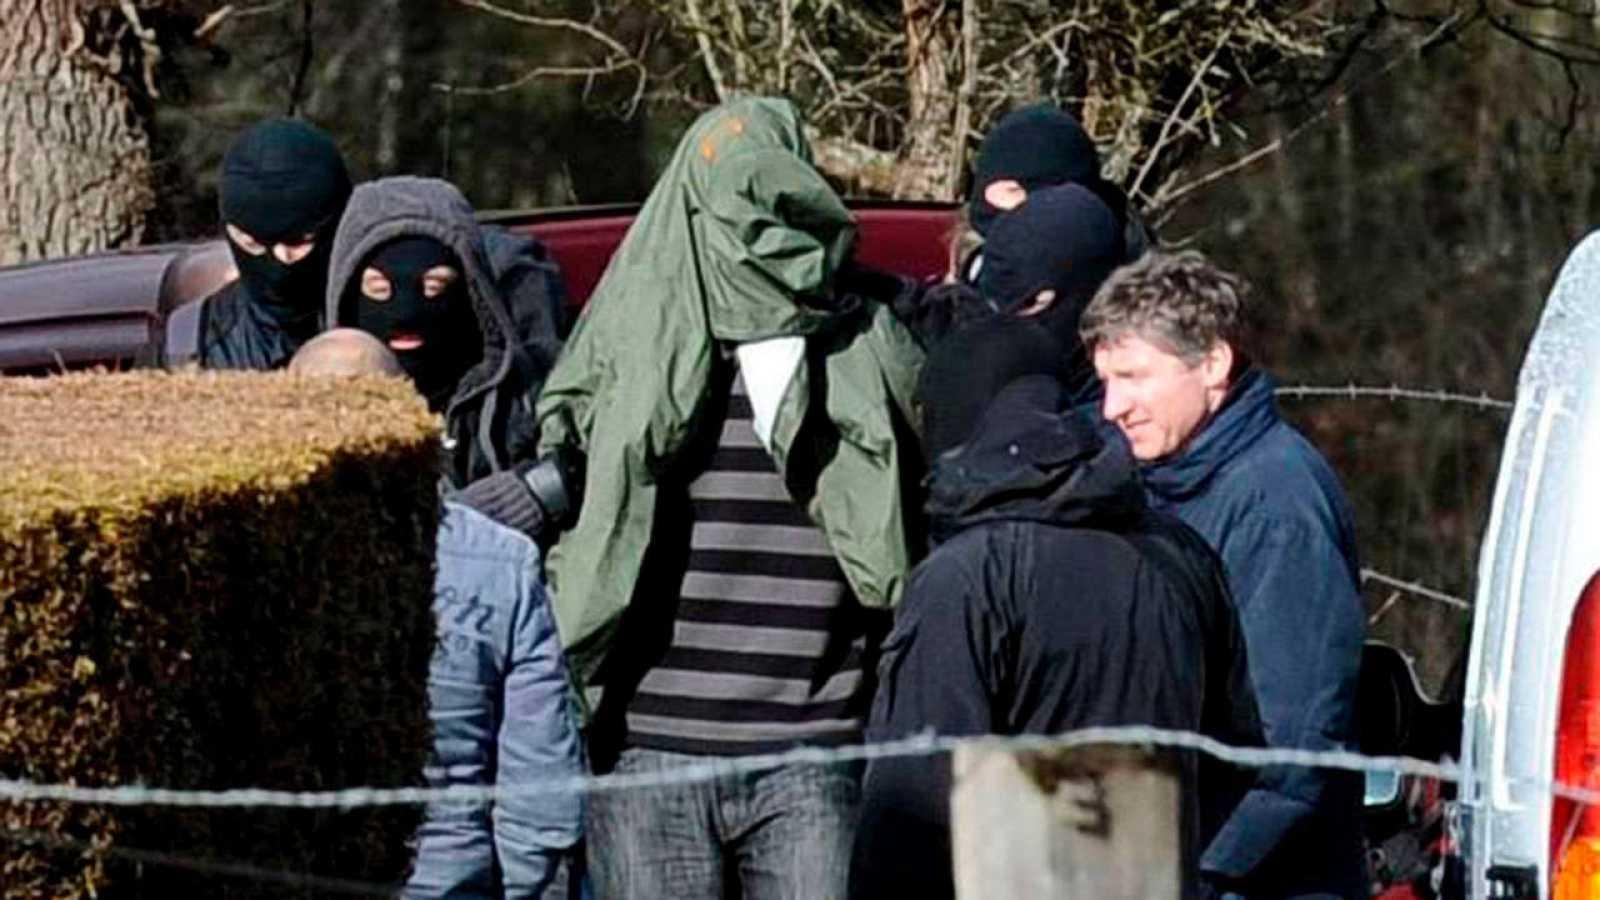 Varios agentes de la policía junto a Ibon Gogeaskoetxea, detenido en una casa rural de la localidad de Cahan, en la región de Baja Normandía (noroeste de Francia) en febrero de 2010.